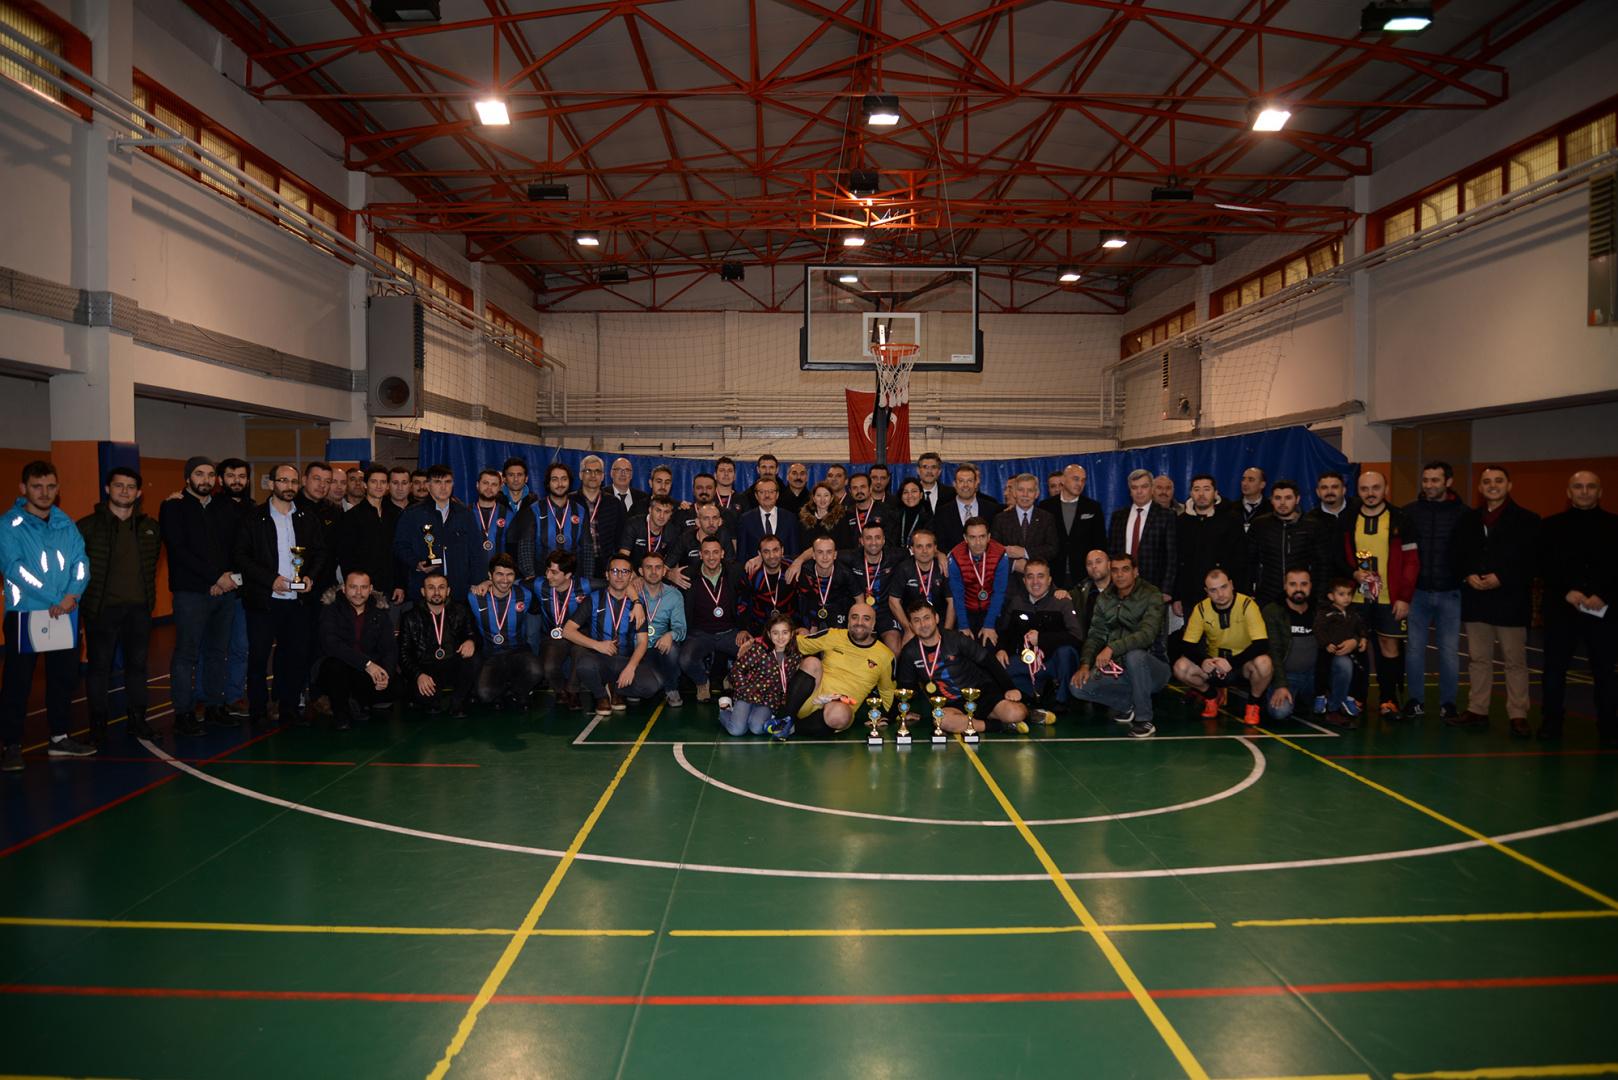 Personel Halı Saha Futbol Turnuvası Ödül Töreni